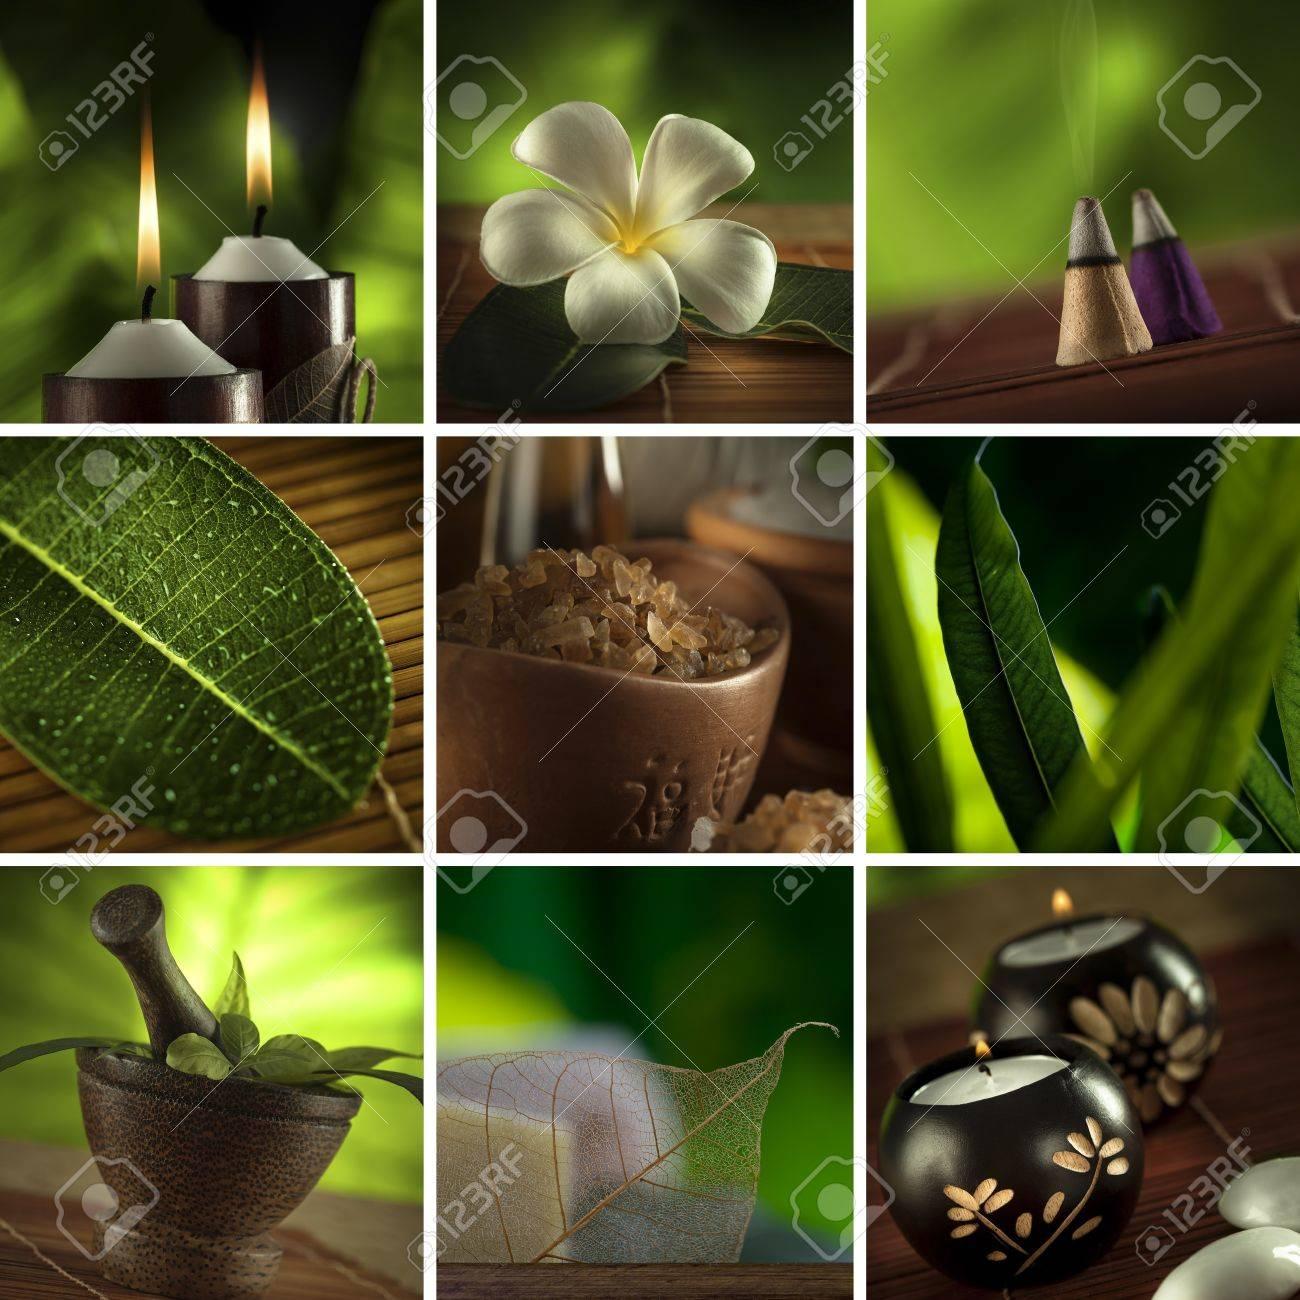 Spa Collage Tema Compuesto Por Unas Pocas Imágenes Fotos, Retratos ...